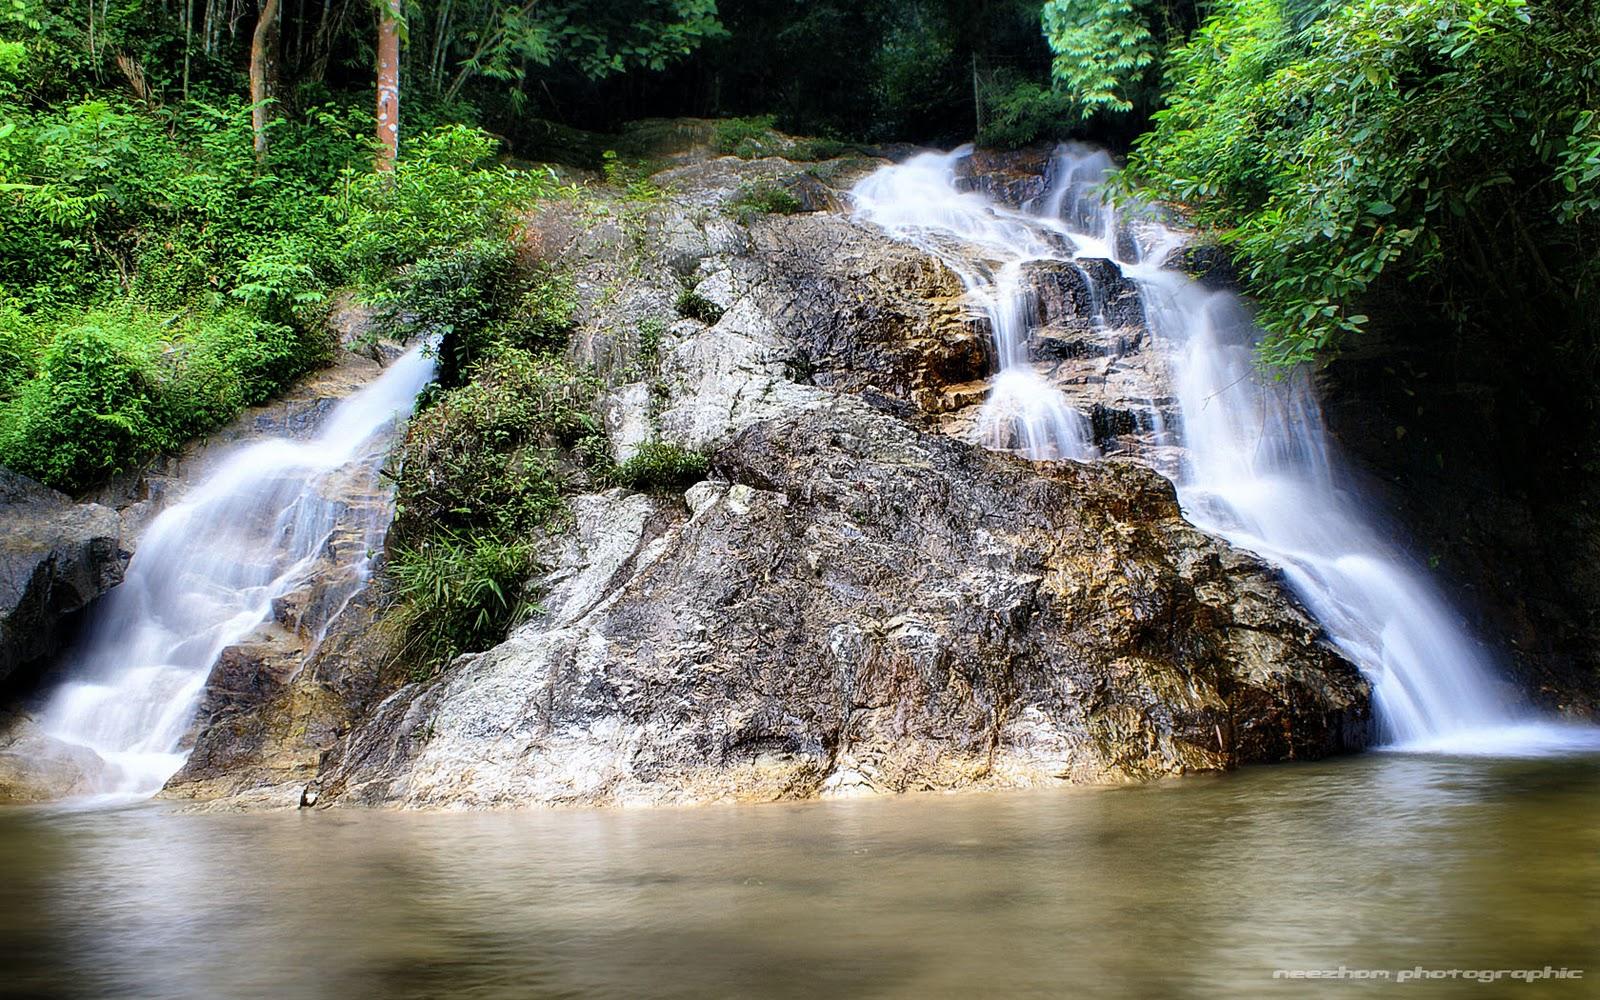 Download this Air Terjun Kawasan... picture